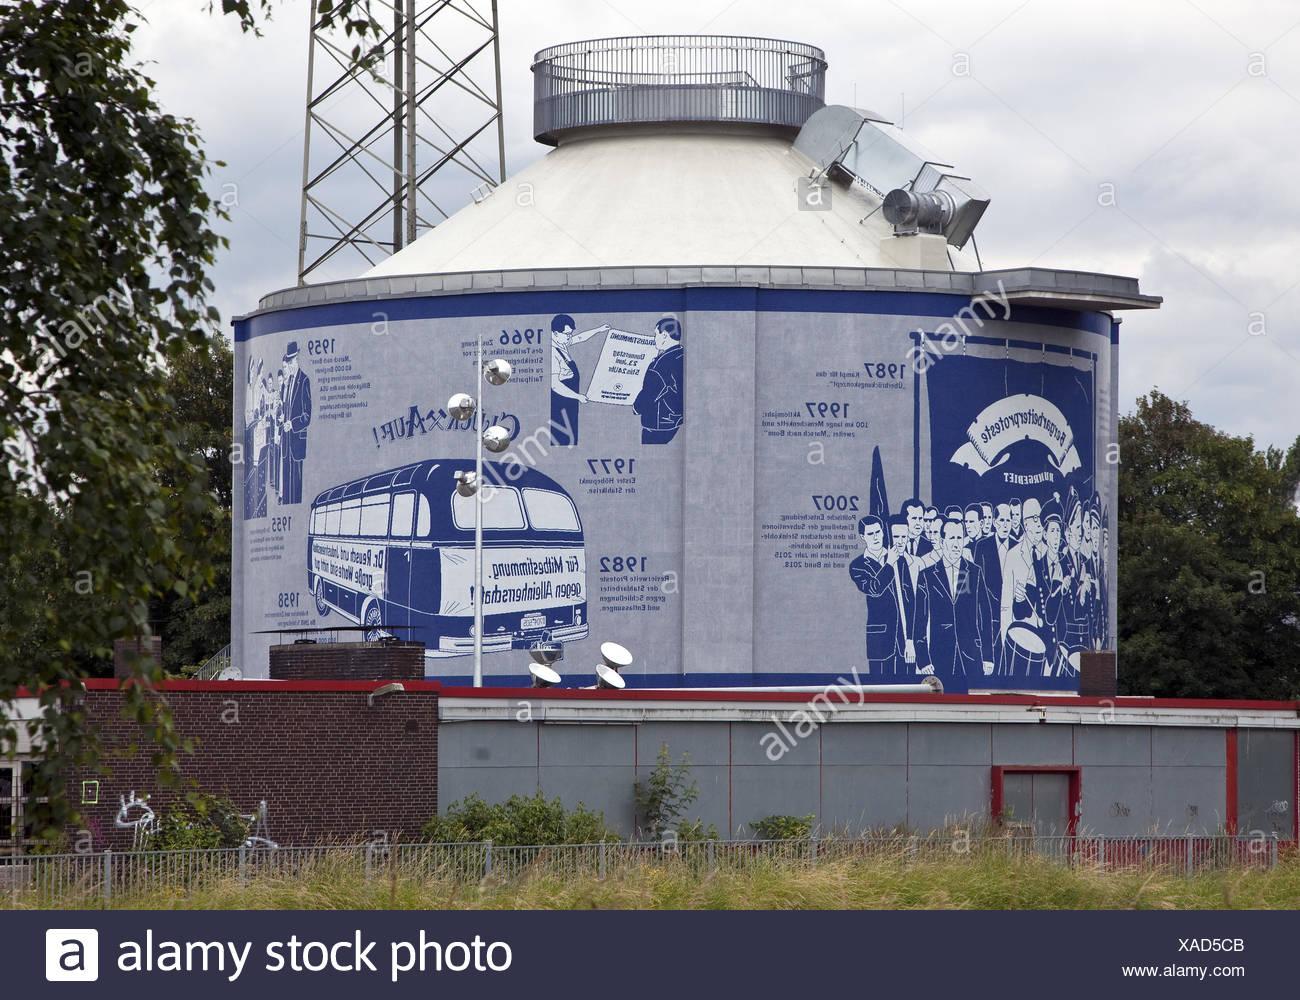 Mosaico de pared Emscherkunst, Herne, Alemania Imagen De Stock